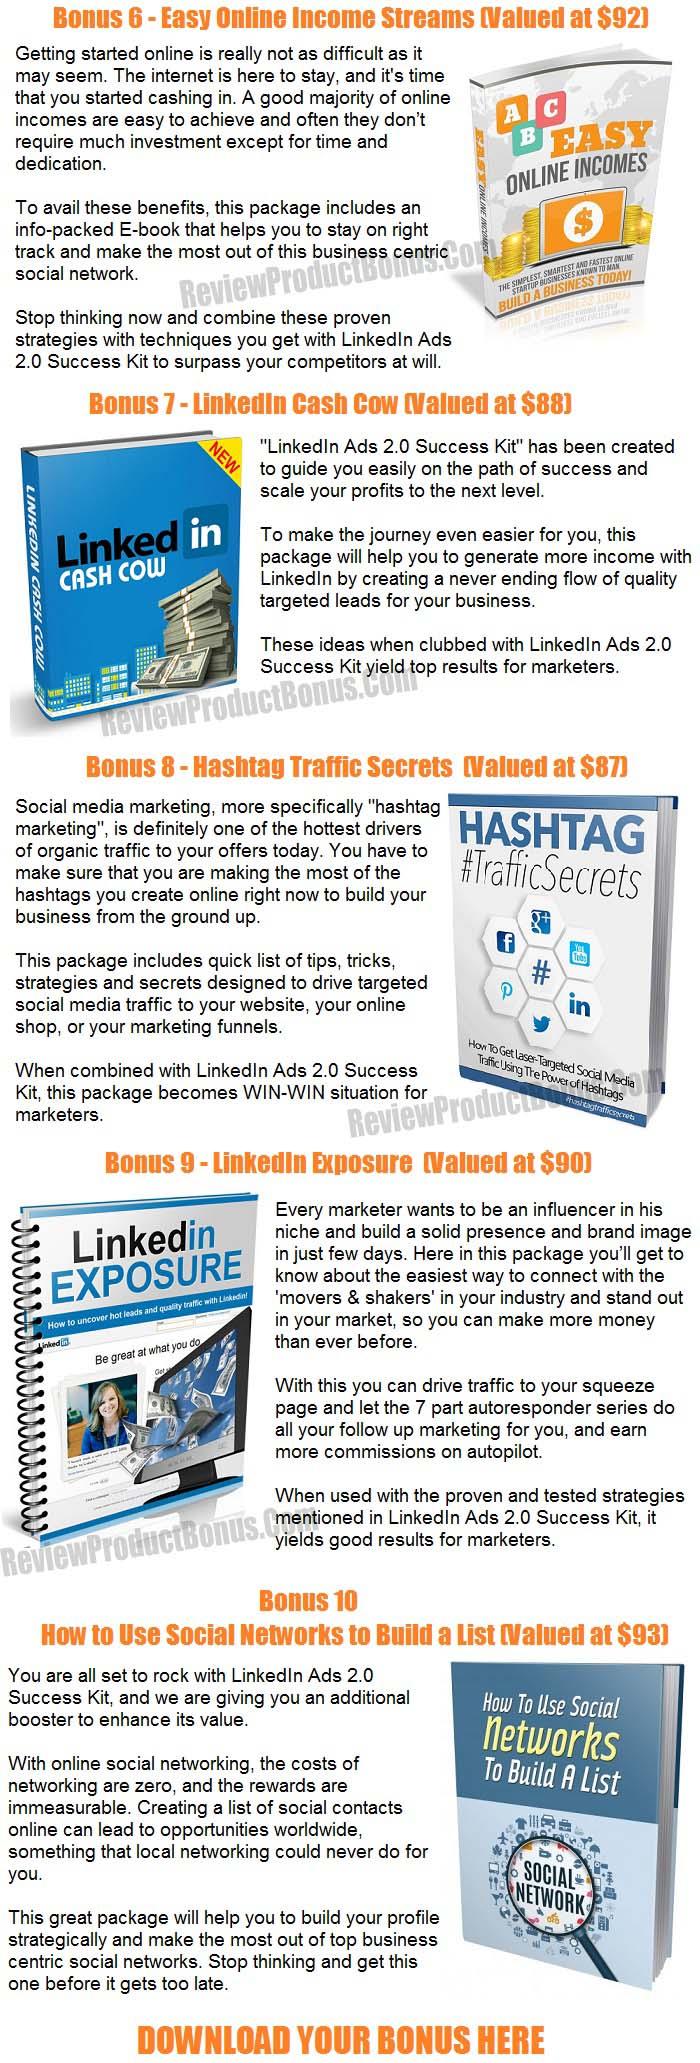 LinkedIn Ads 2.0 Bonuses